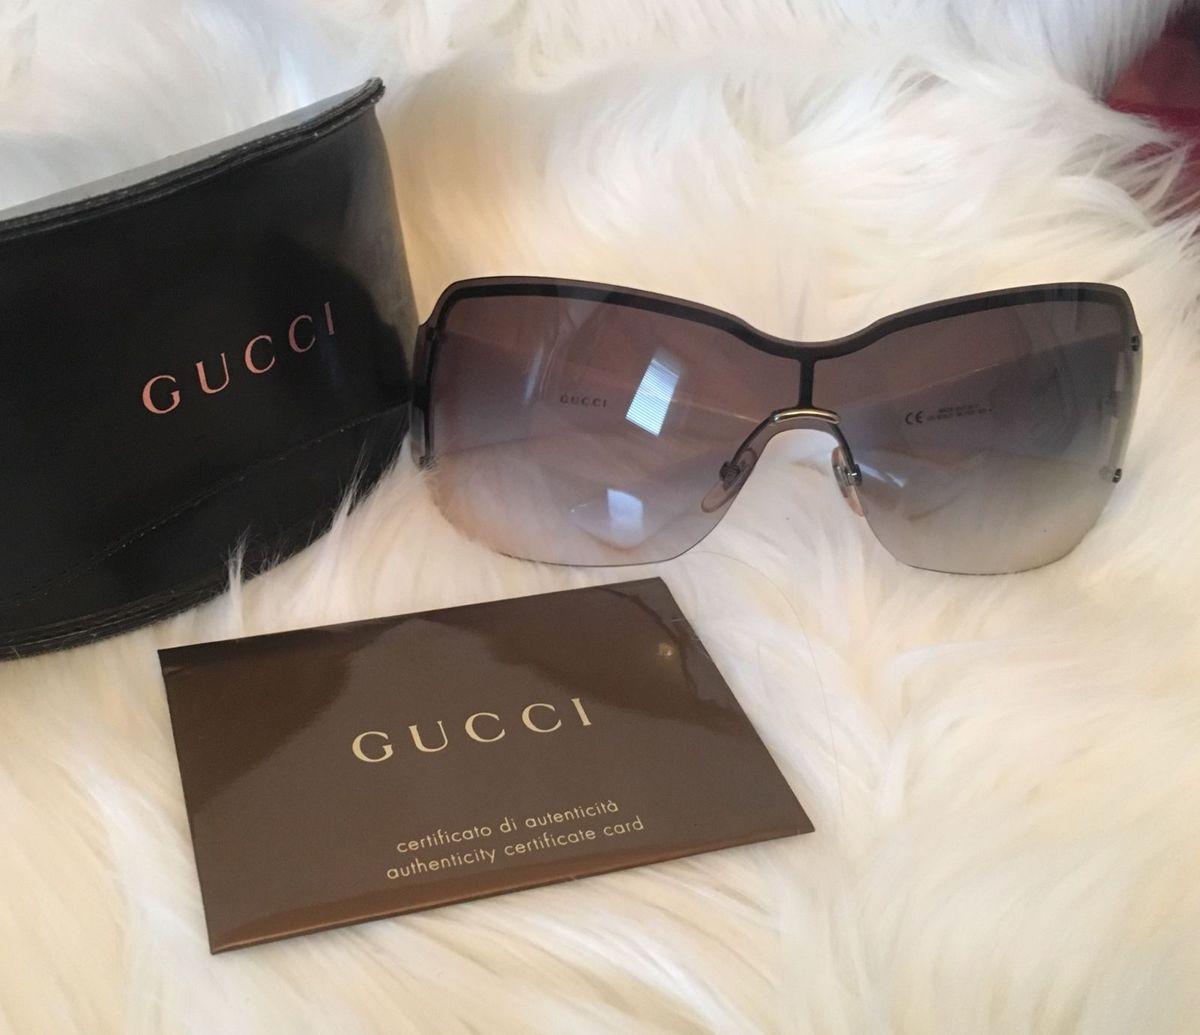 oculos de sol gucci - óculos gucci.  Czm6ly9wag90b3muzw5qb2vplmnvbs5ici9wcm9kdwn0cy81njgznzuvmmqyzdawntq0mzdlnzu3ywy0y2uwyzg1mmvjytq0mzkuanbn  ... 53c650c5e6